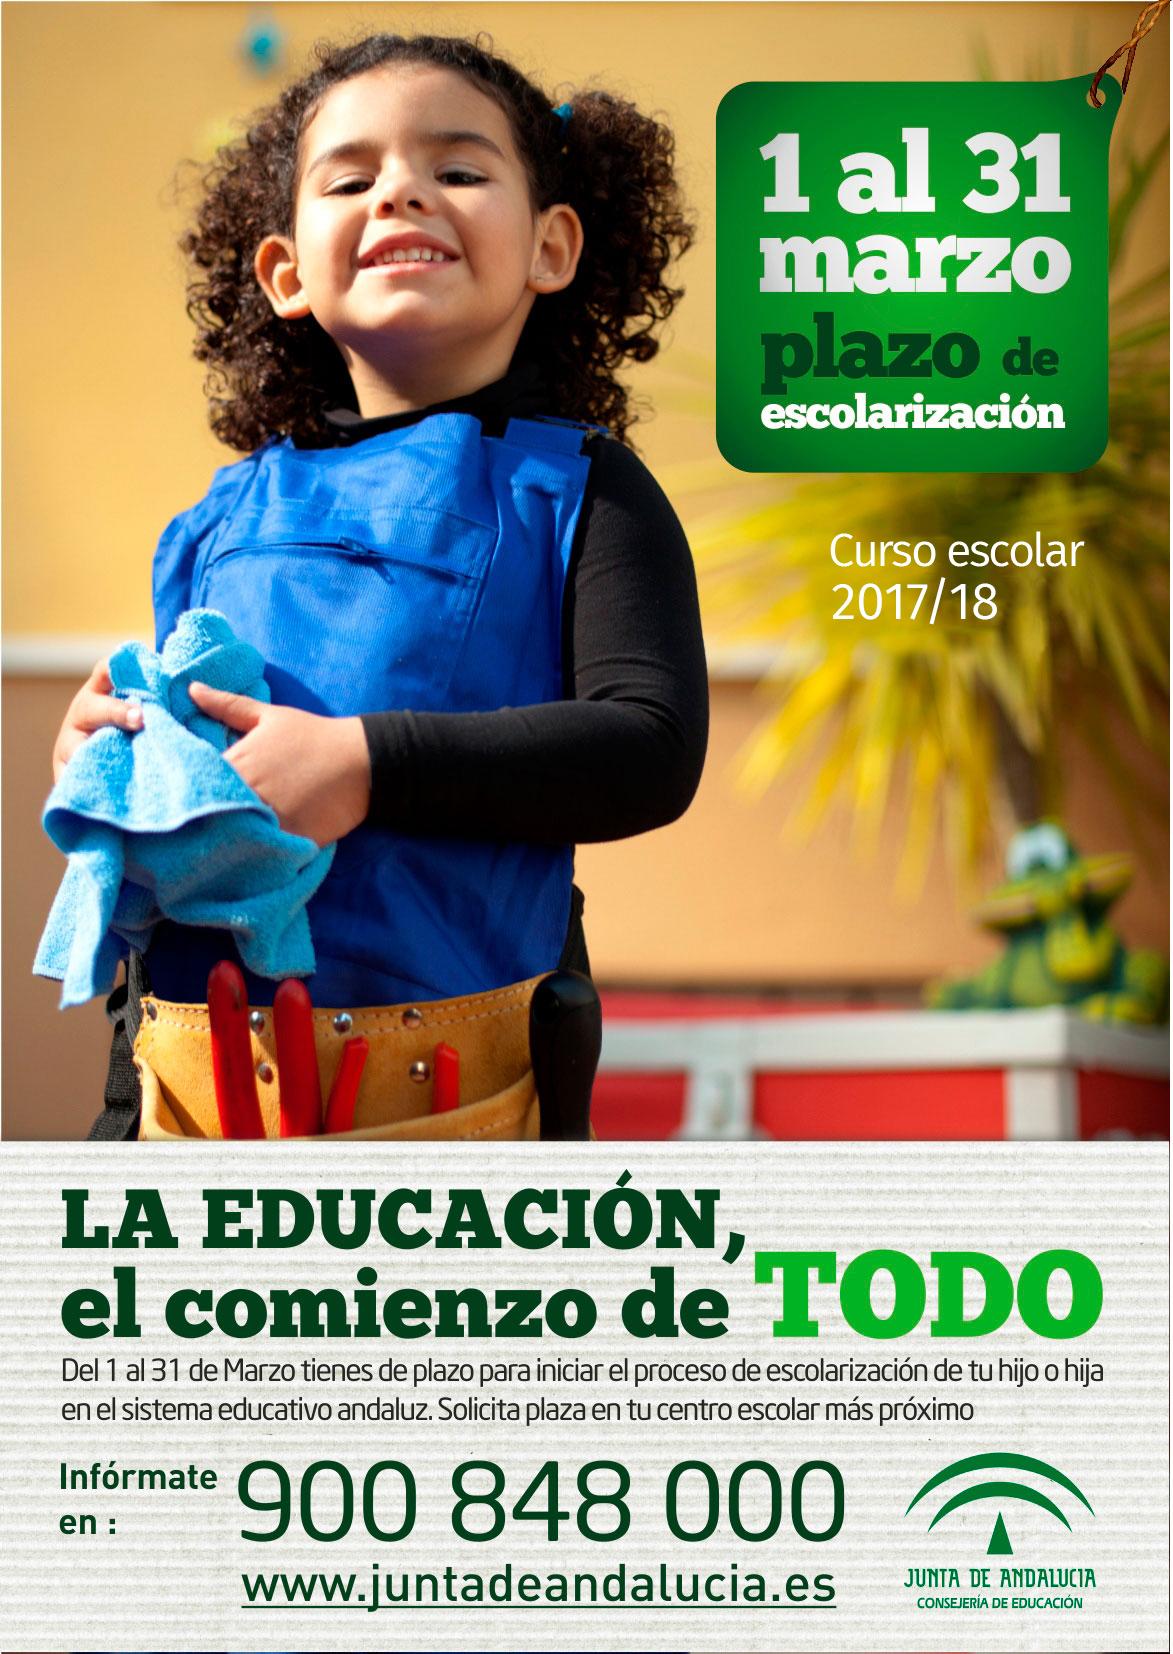 Escolarización 2017/18